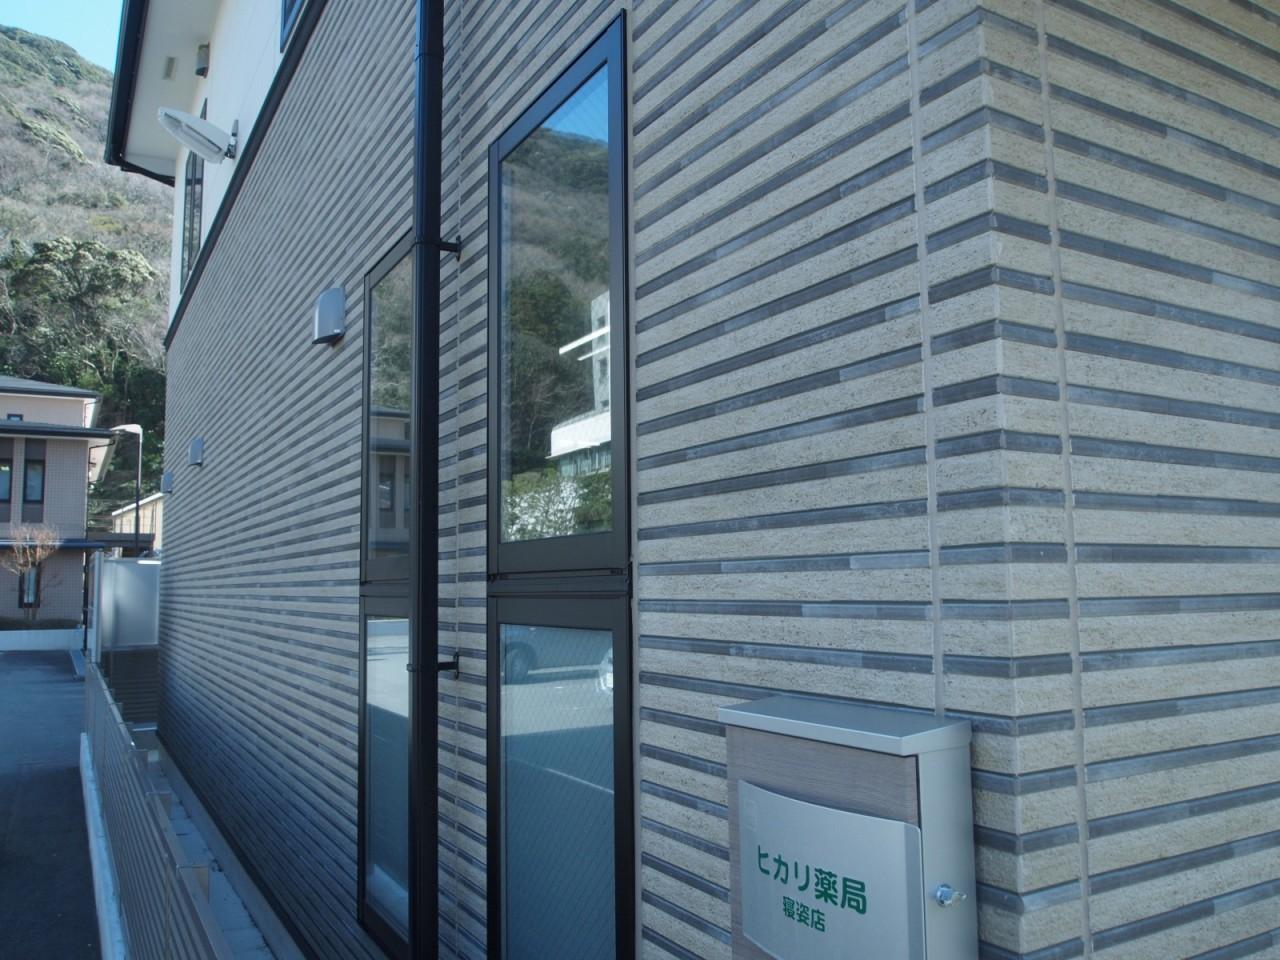 窯業系サイディング (下田市)